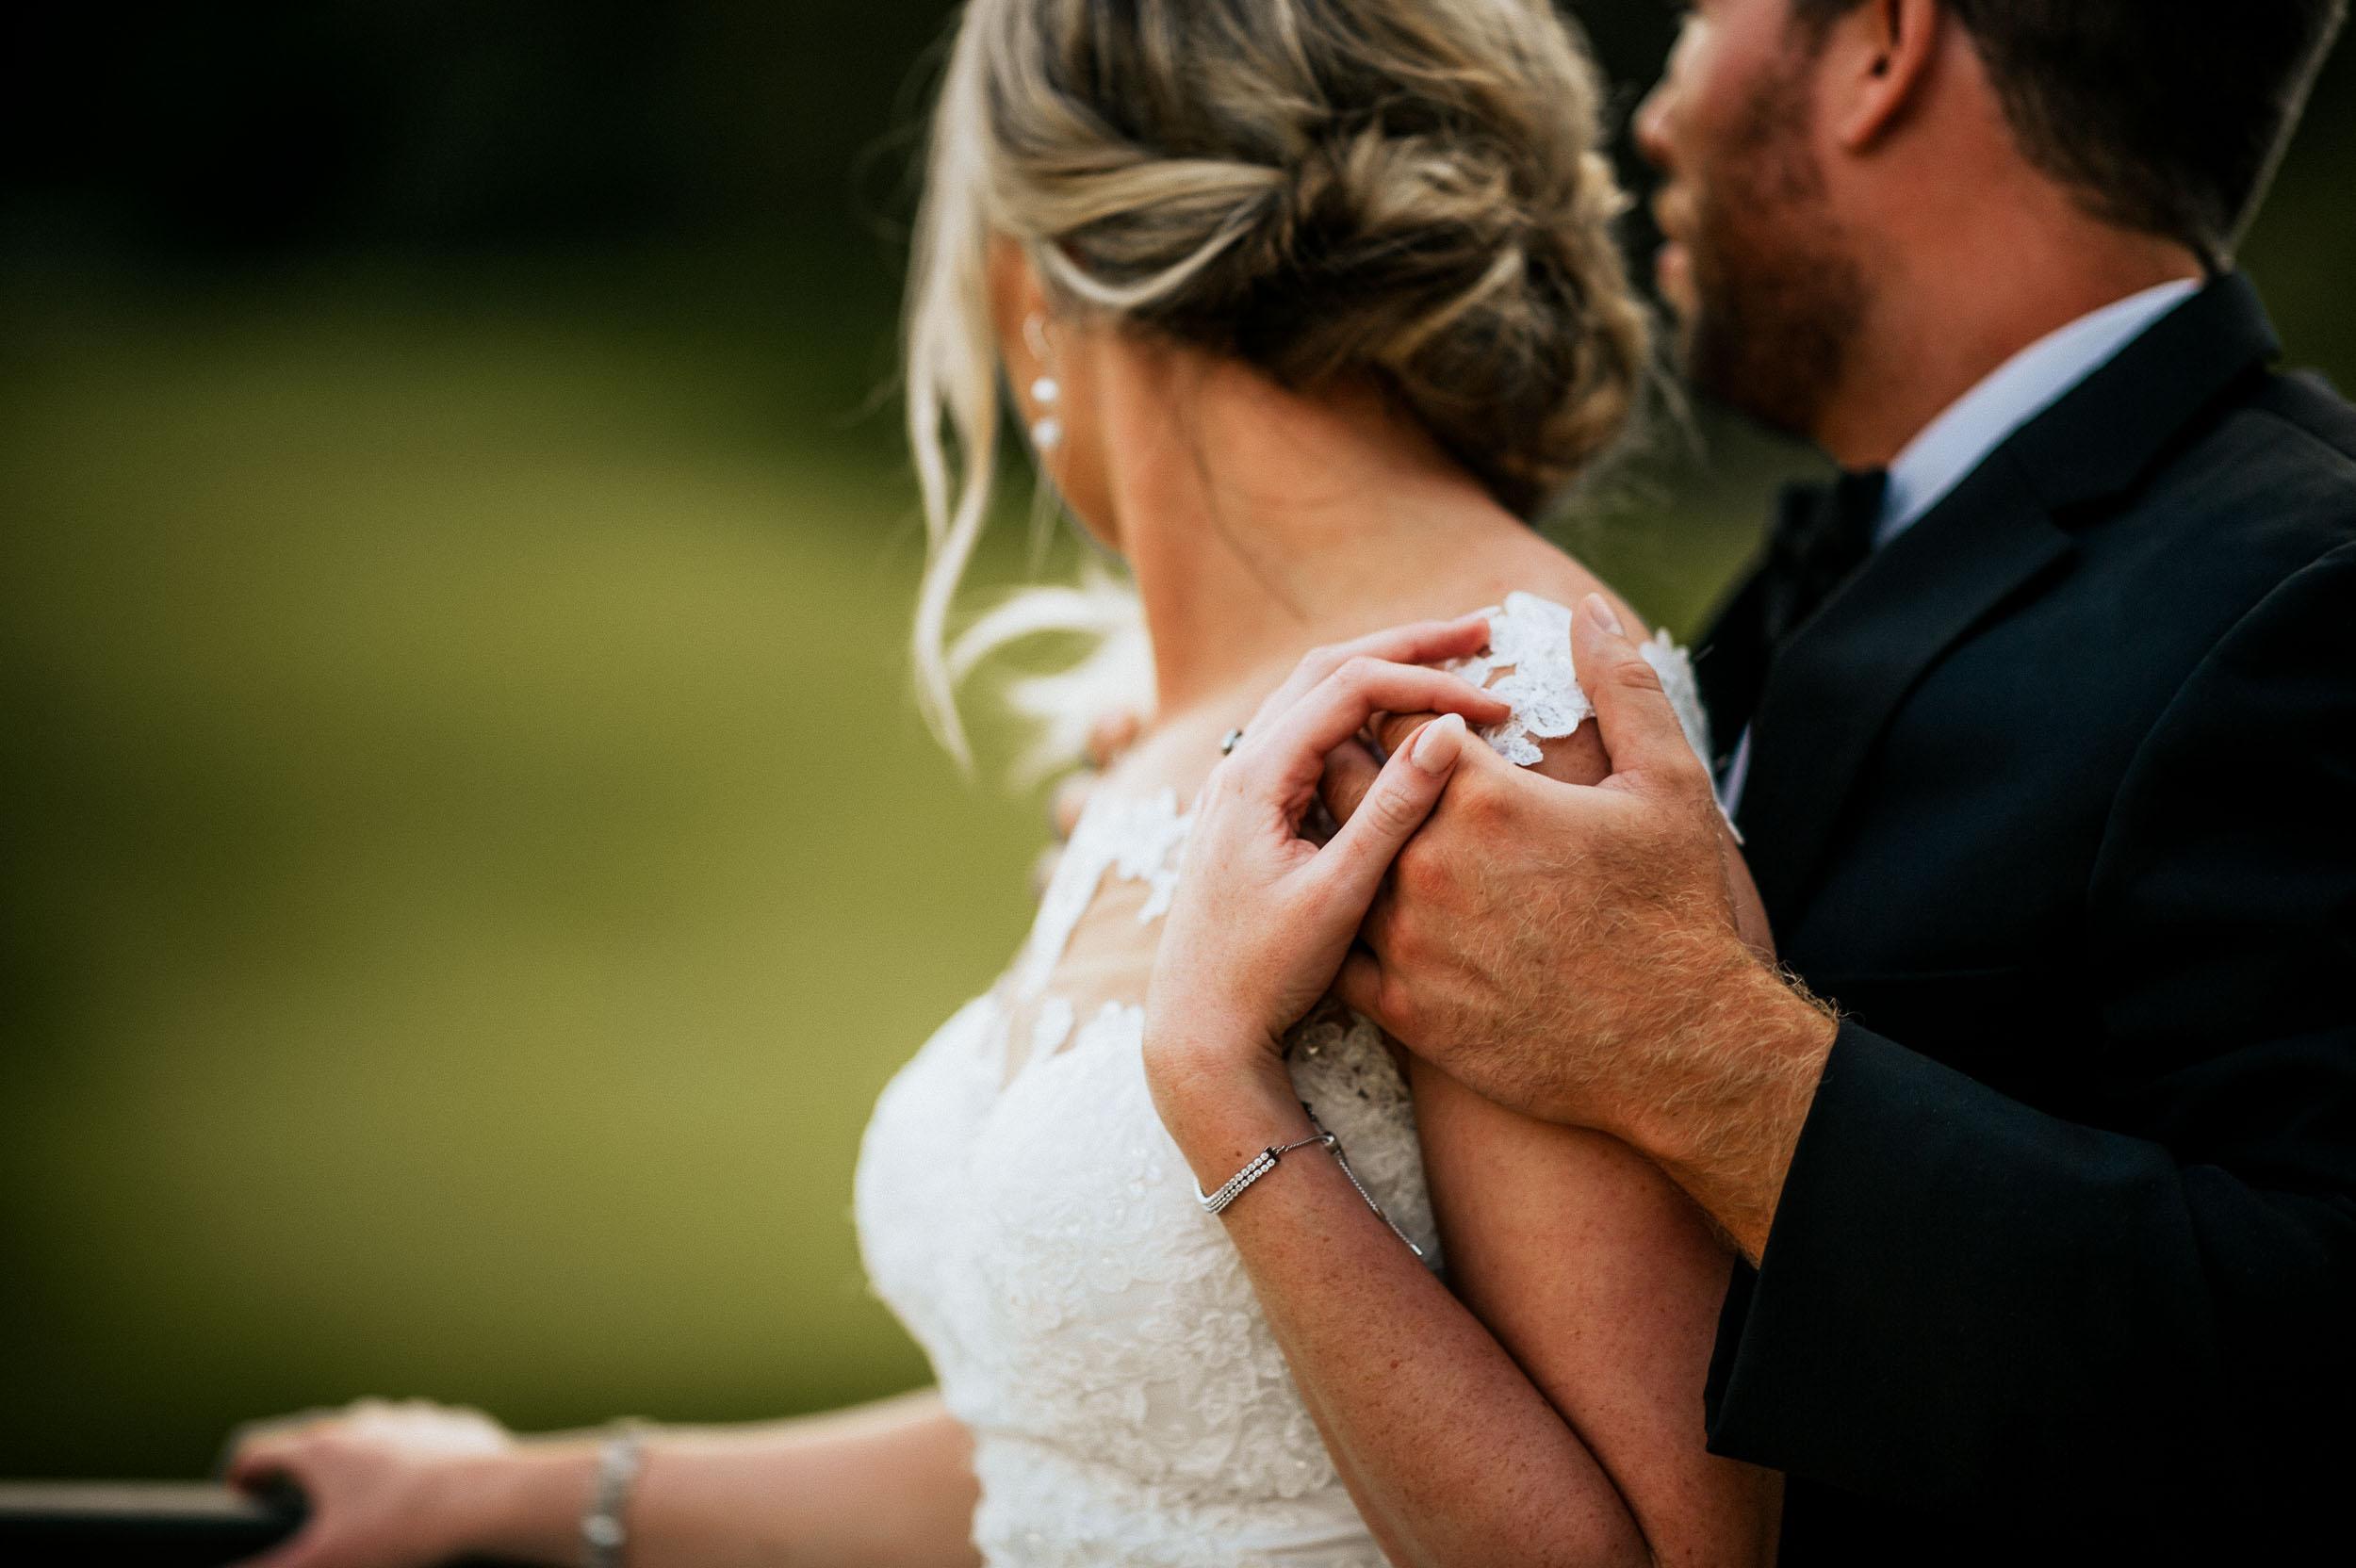 wedding-photography-stratford-davidiam-258.jpg